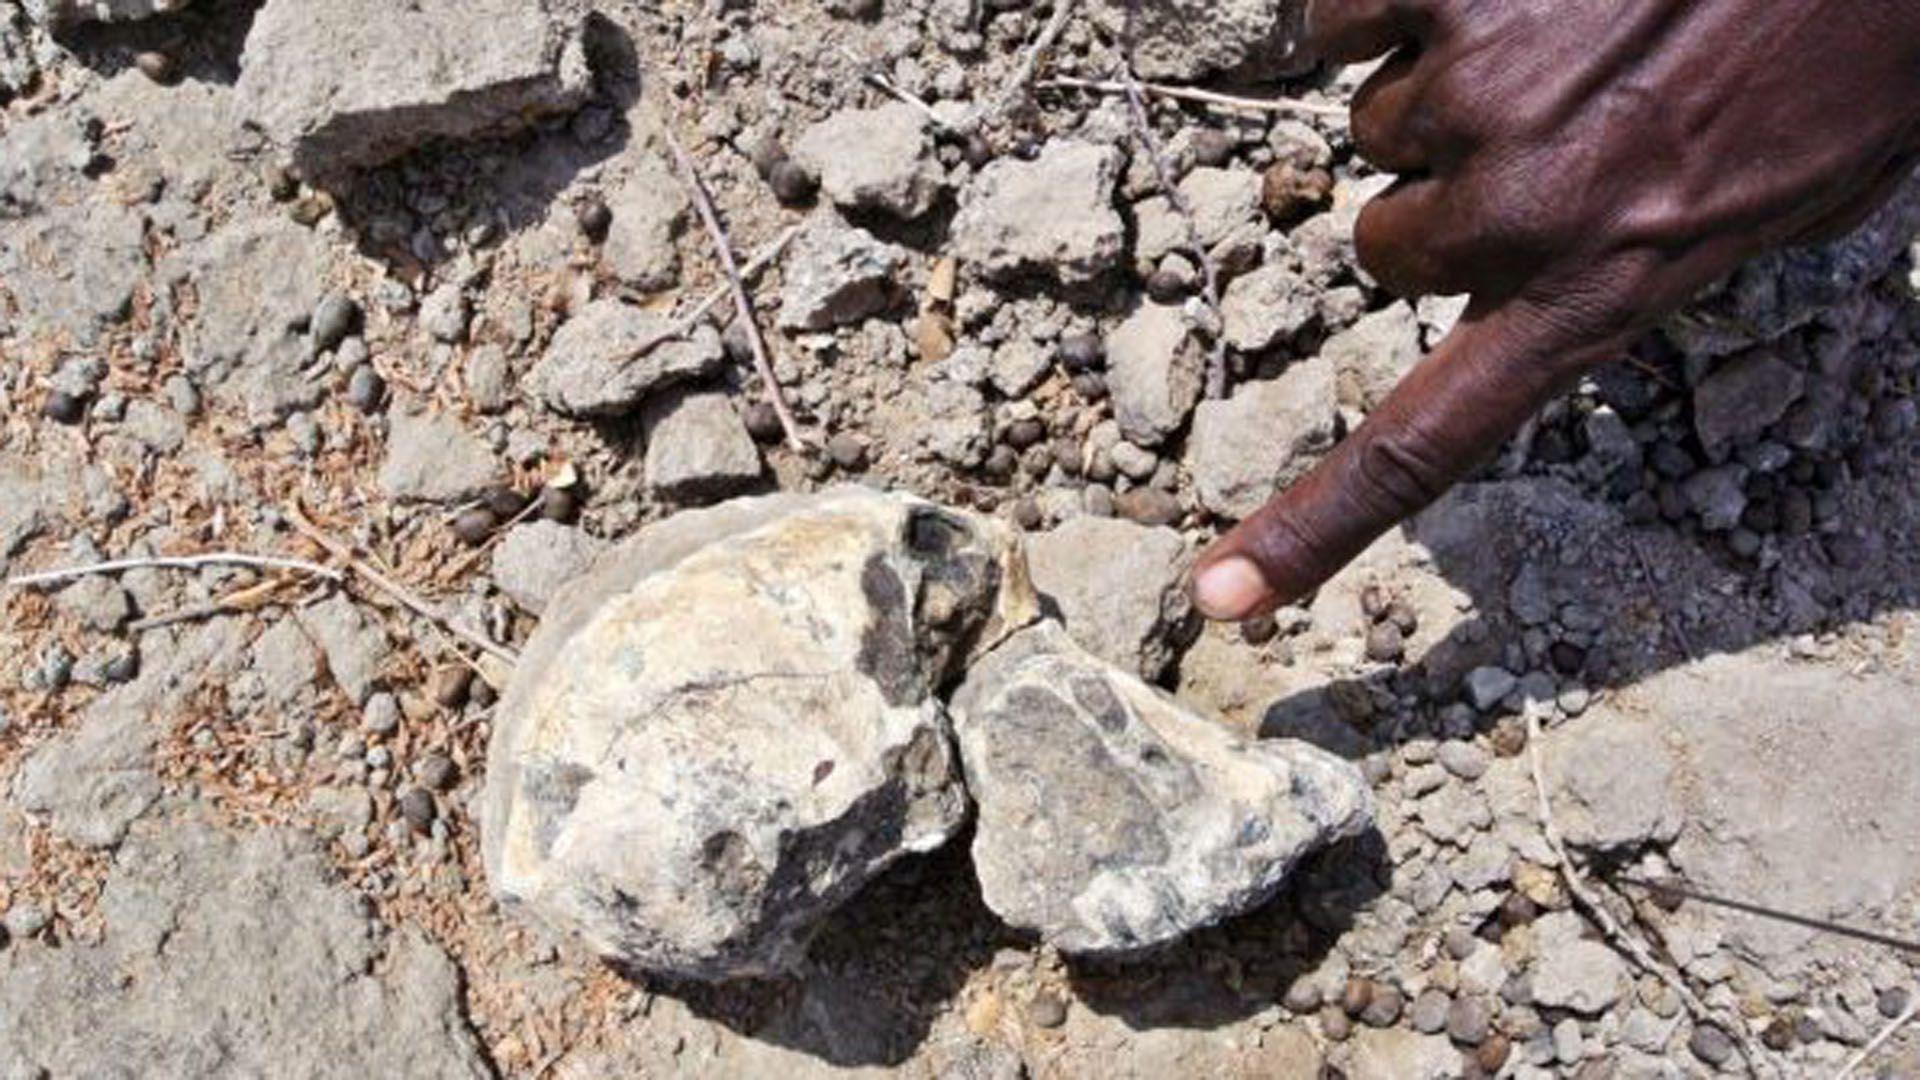 Tamaño del cráneo en comparación con un dedo humano (EFE)